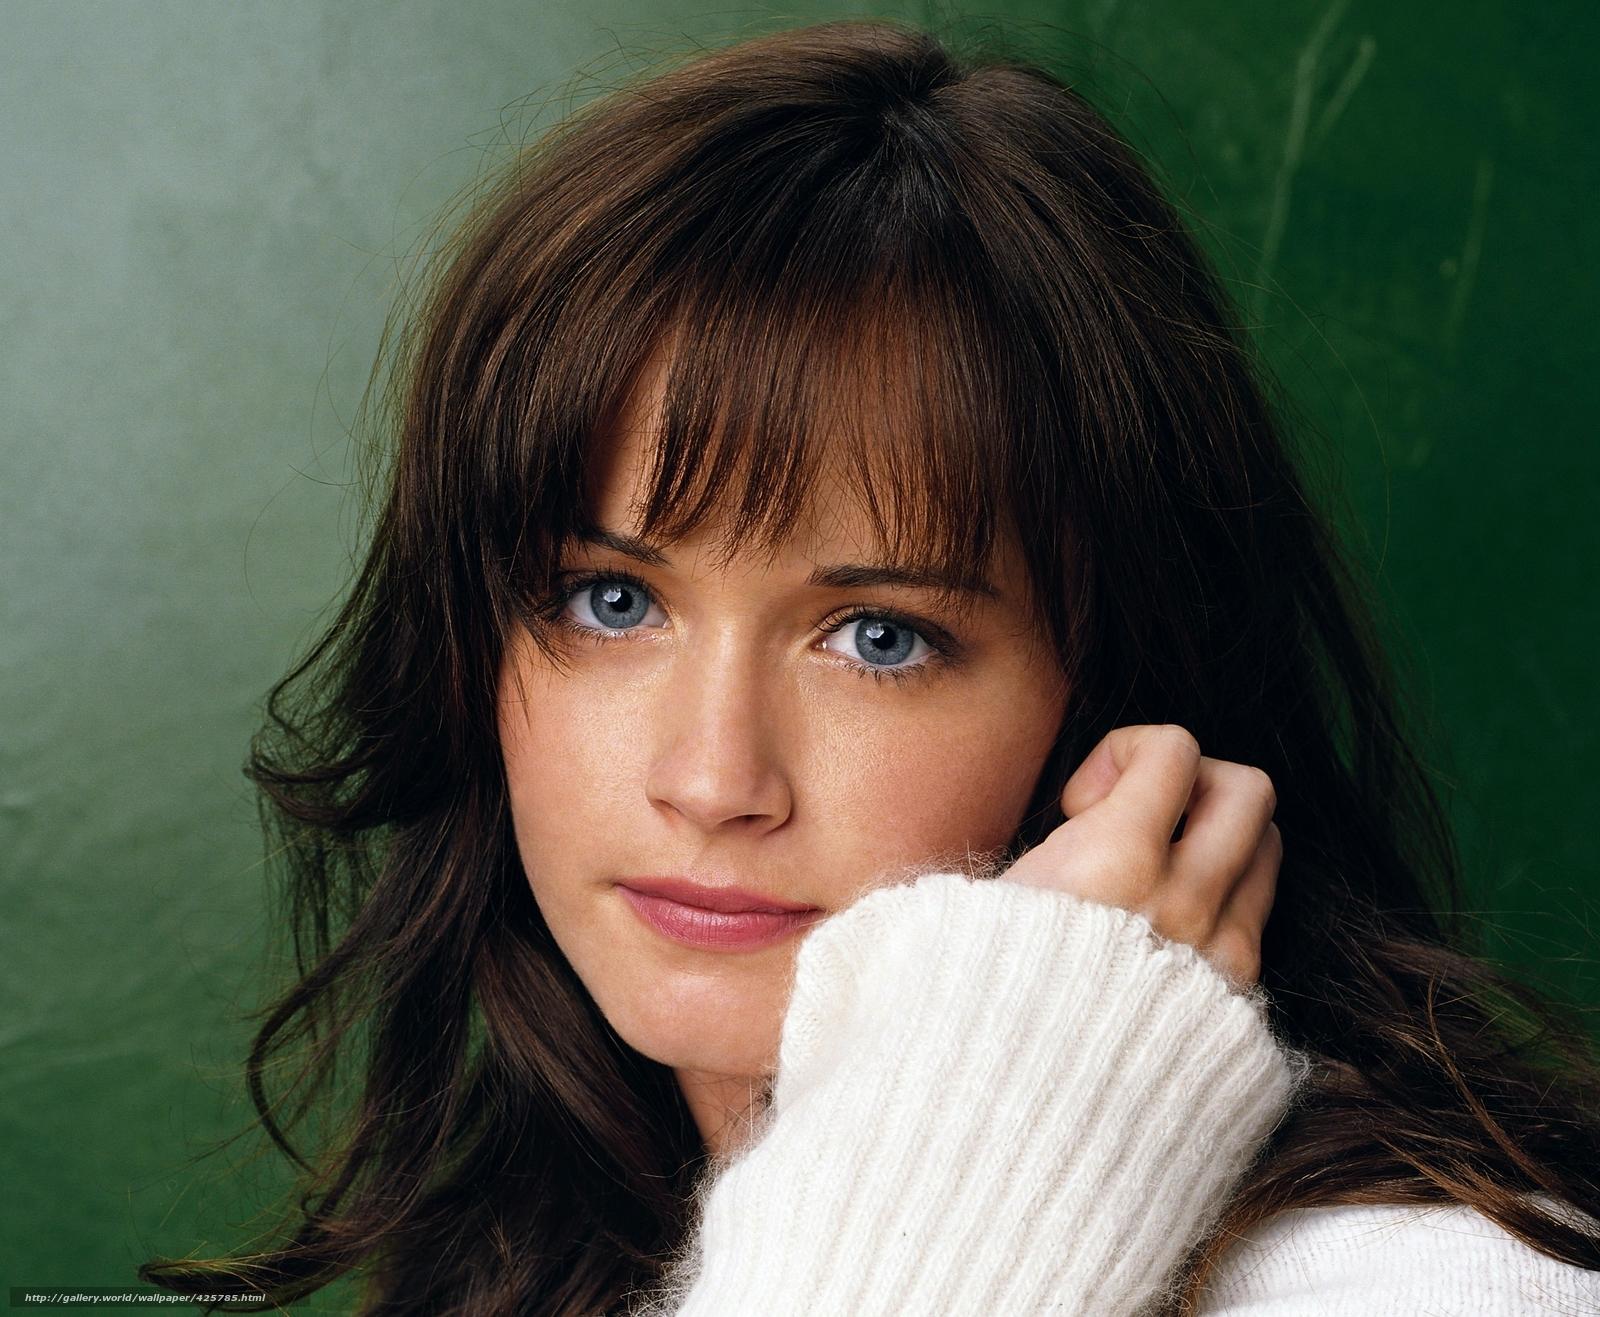 Tlcharger fond d 39 ecran humeur alexis bledel actrice amricaine les yeux bleus fonds d 39 ecran - Actrice yeux bleus ...